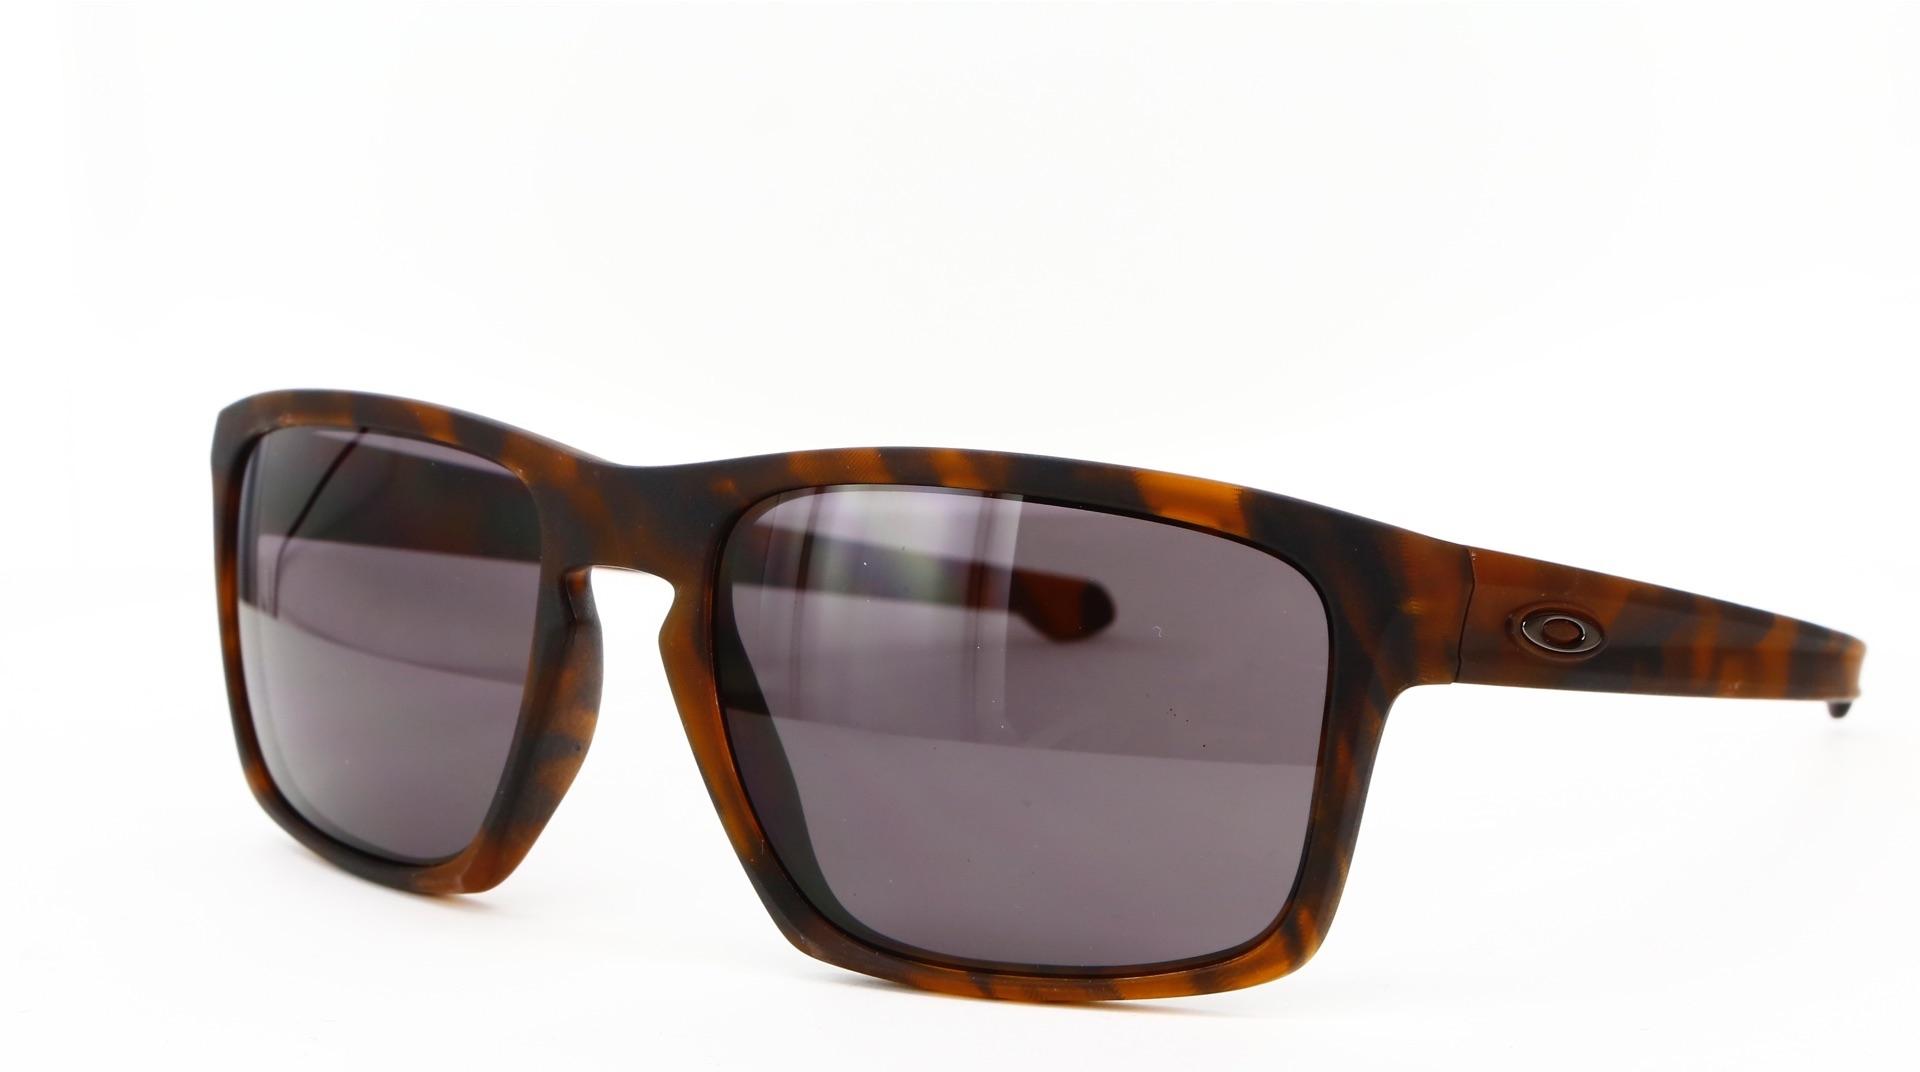 Oakley - ref: 74064